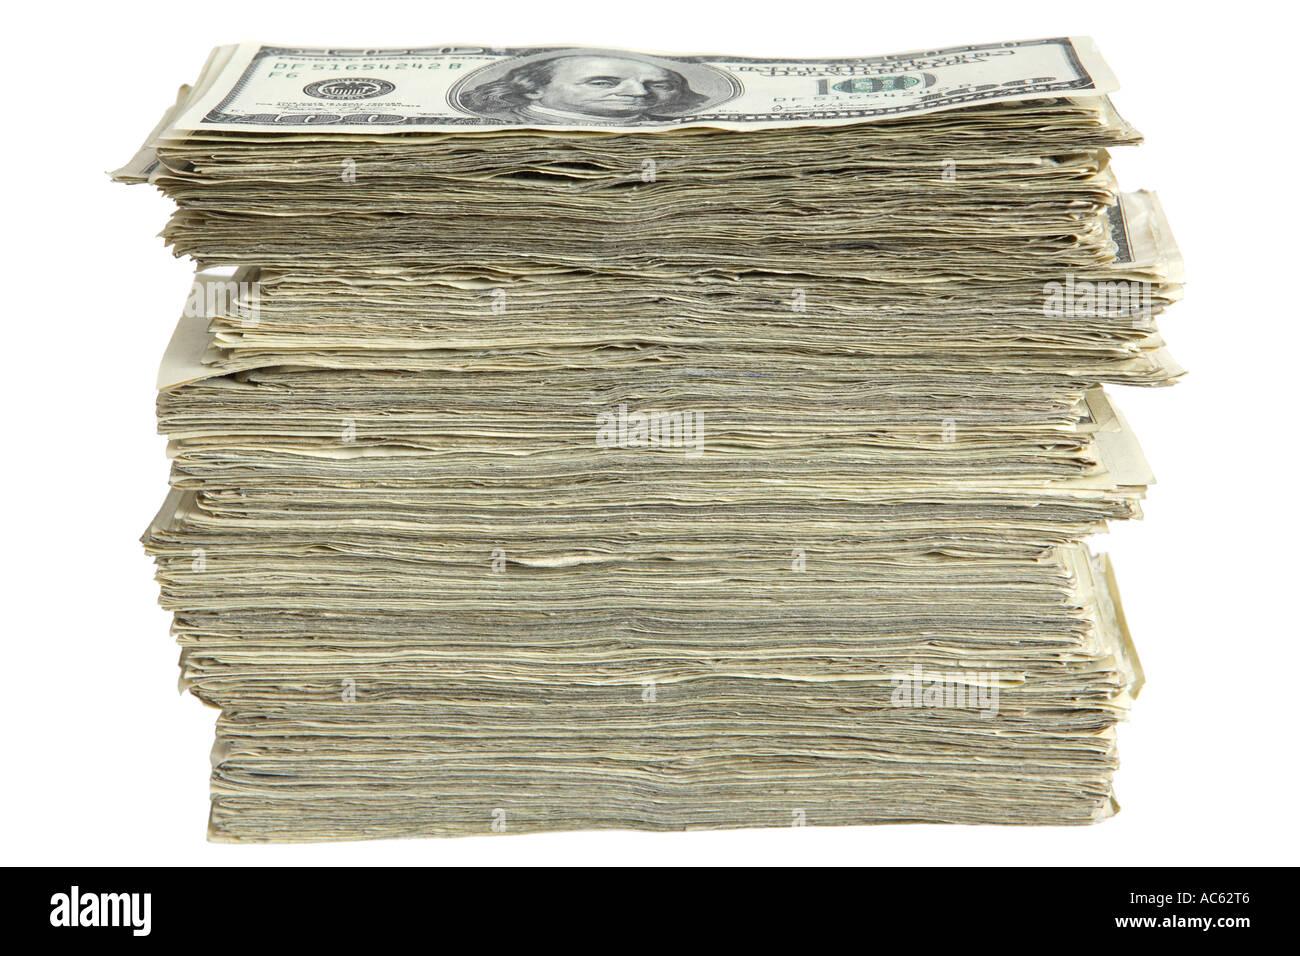 Vue de côté de grande pile de paiement Banque D'Images